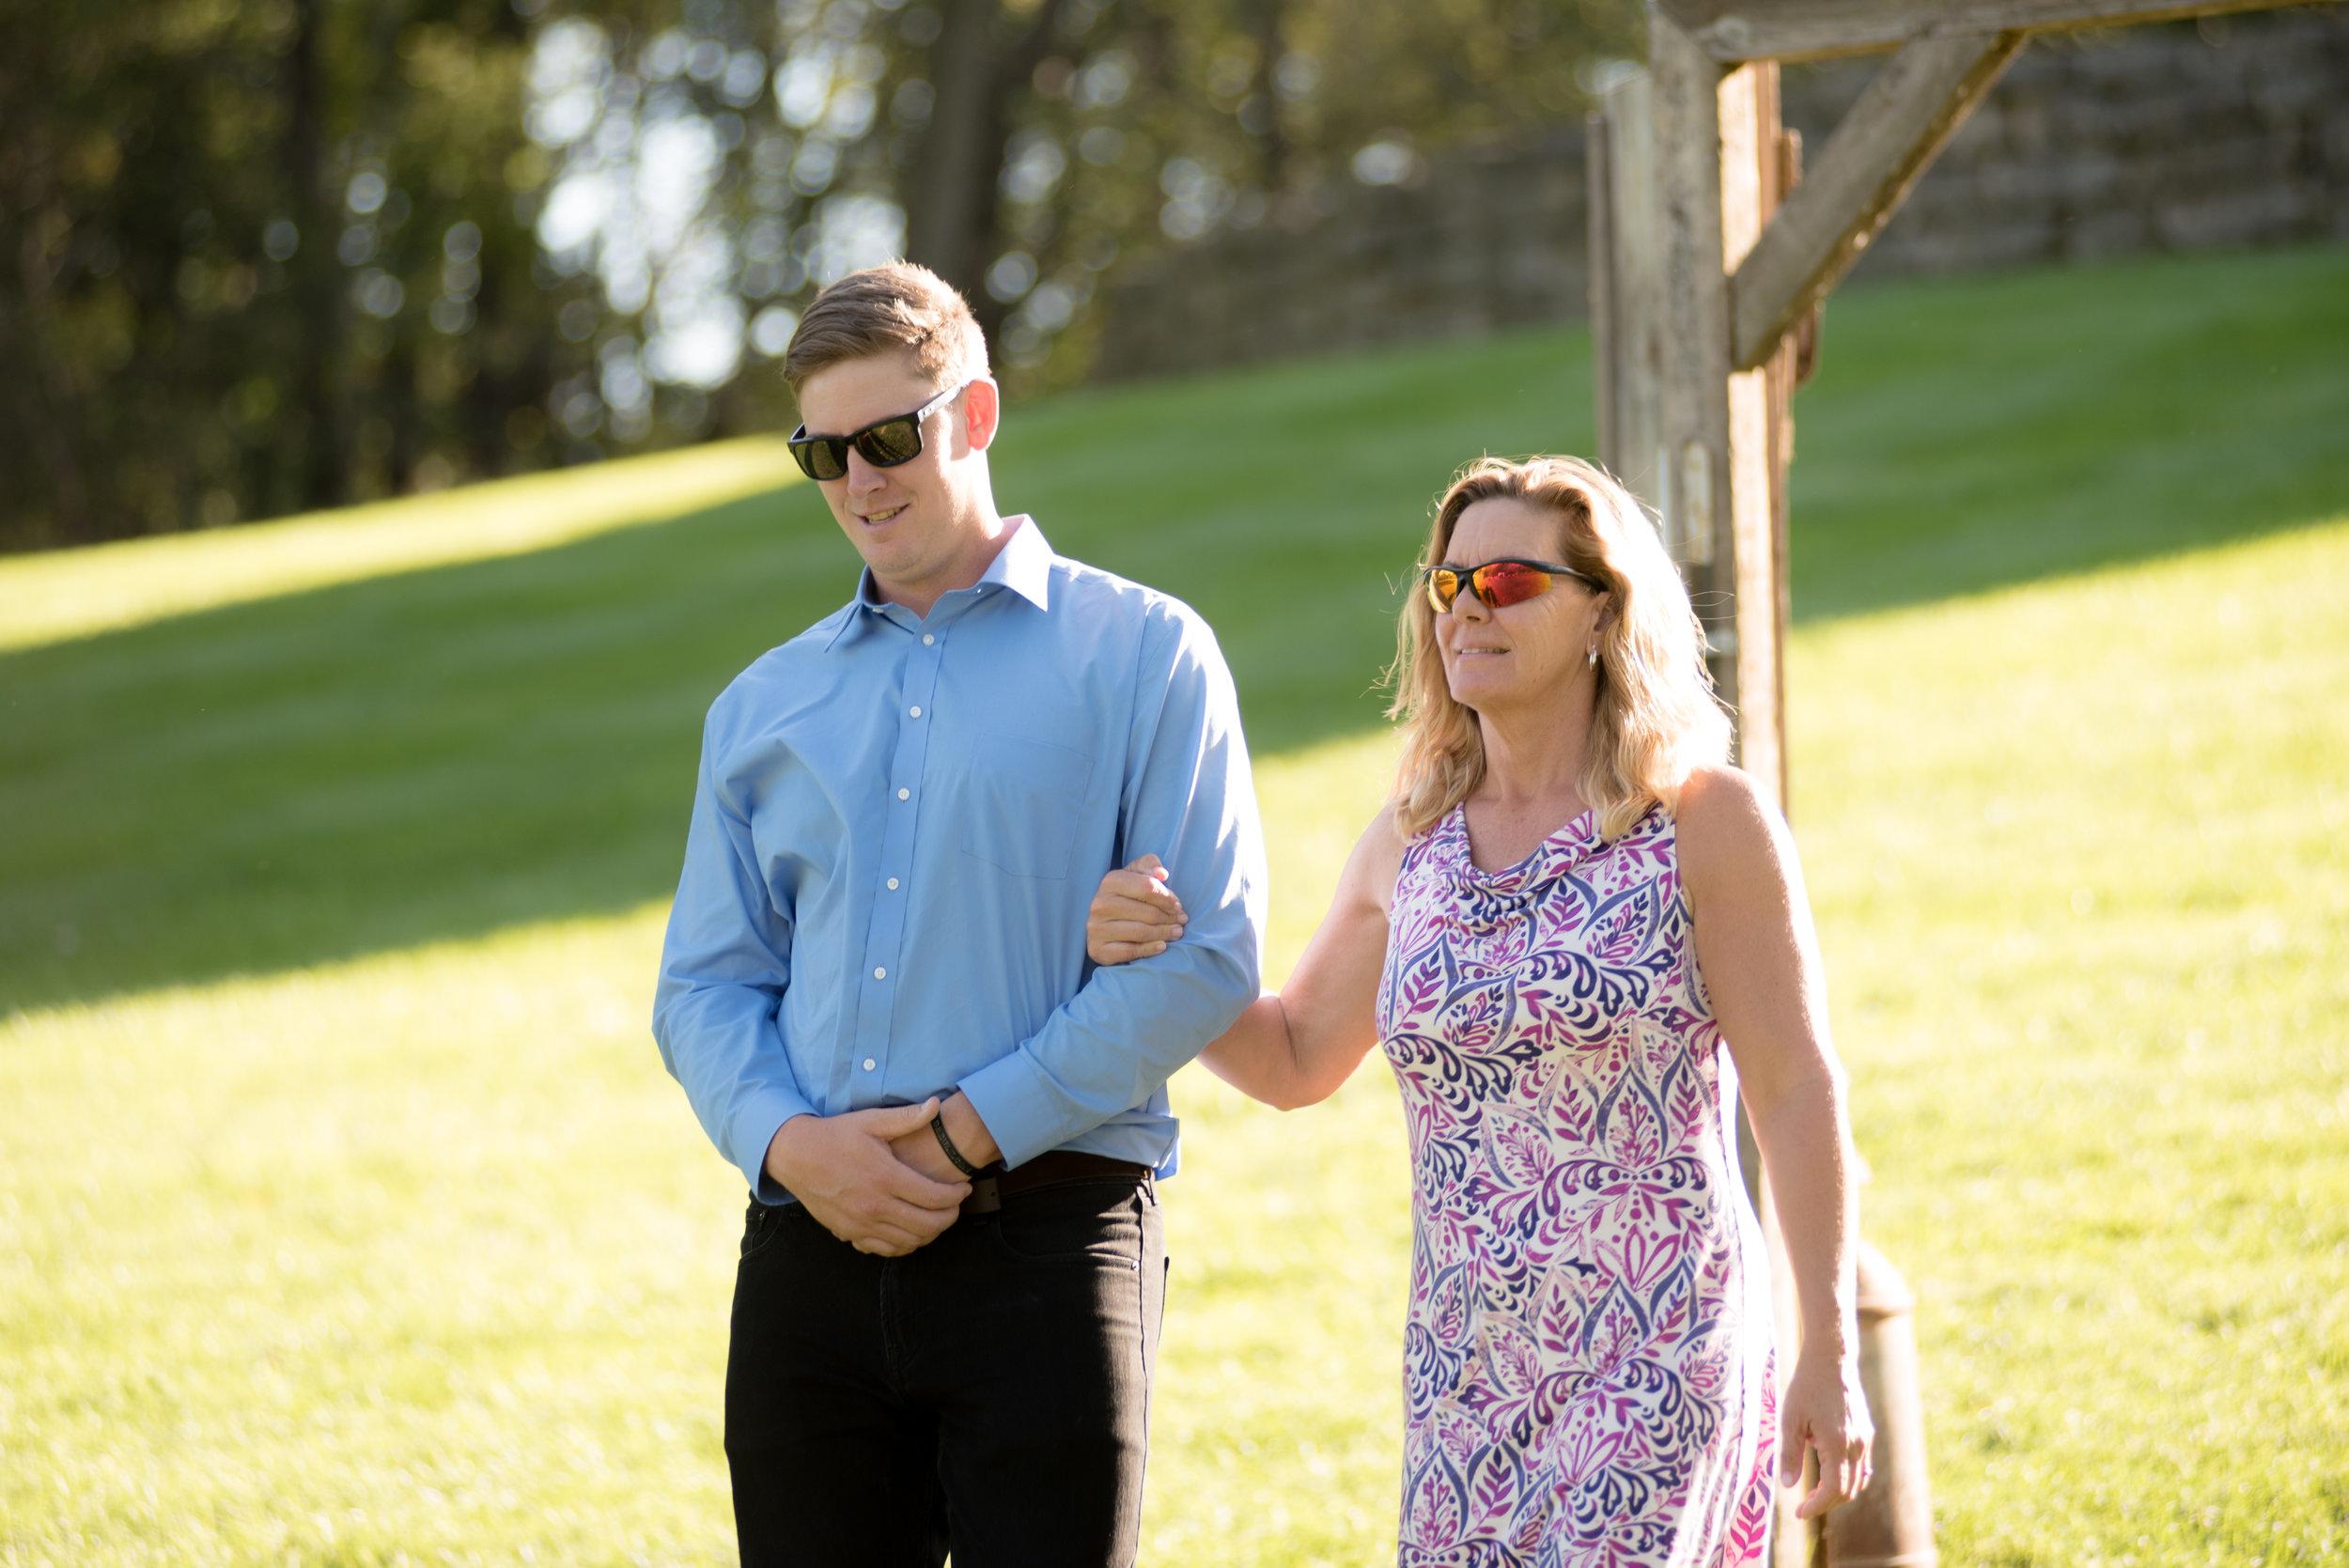 Peter&Sarah-23.jpg